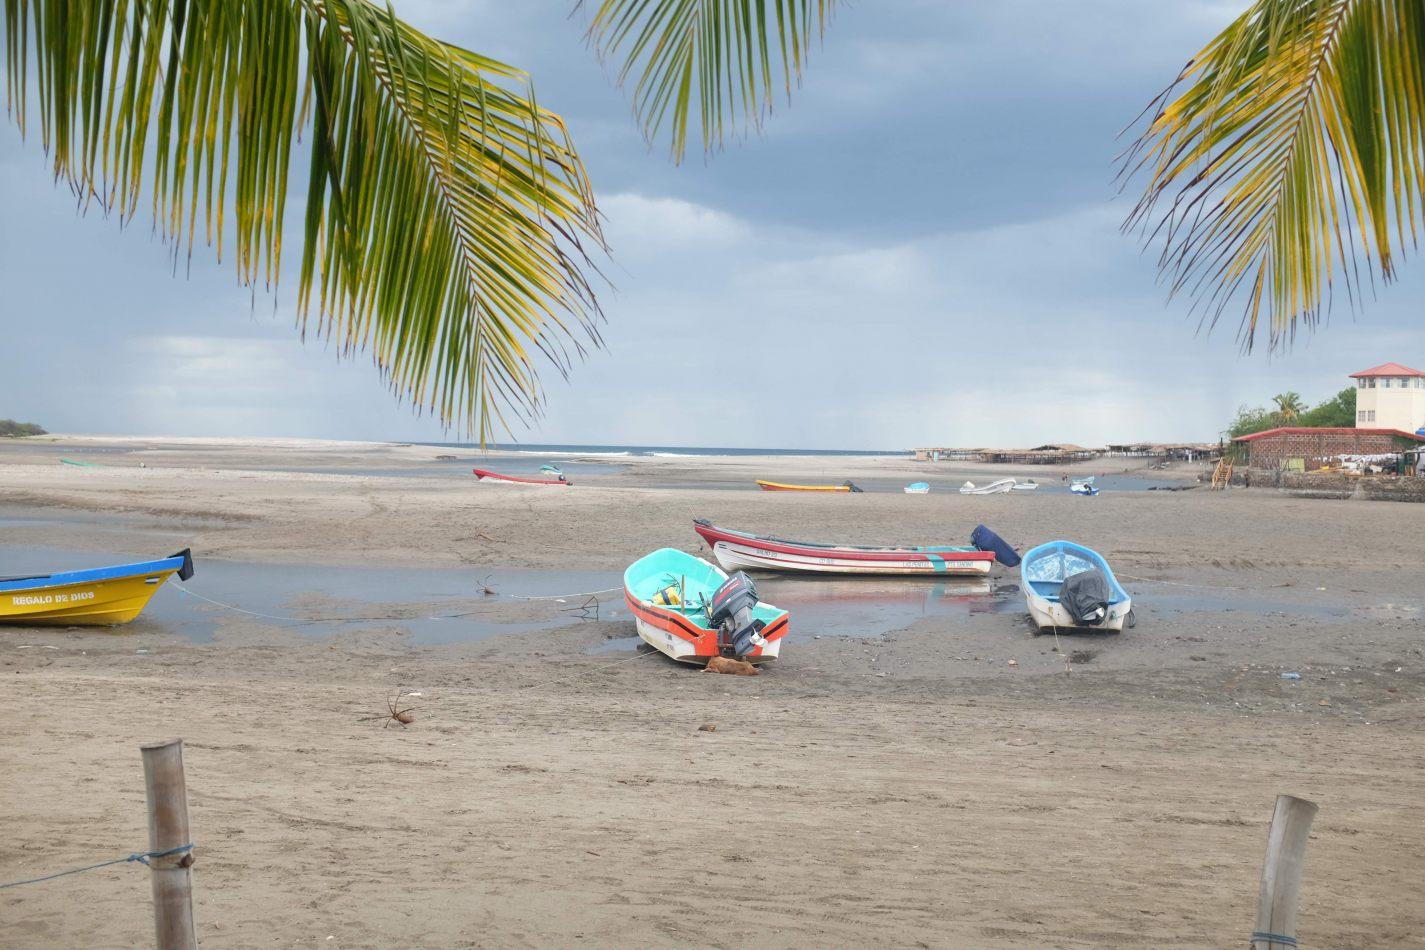 Hibiscus & Nomada : - - Hotel Barca de Oro